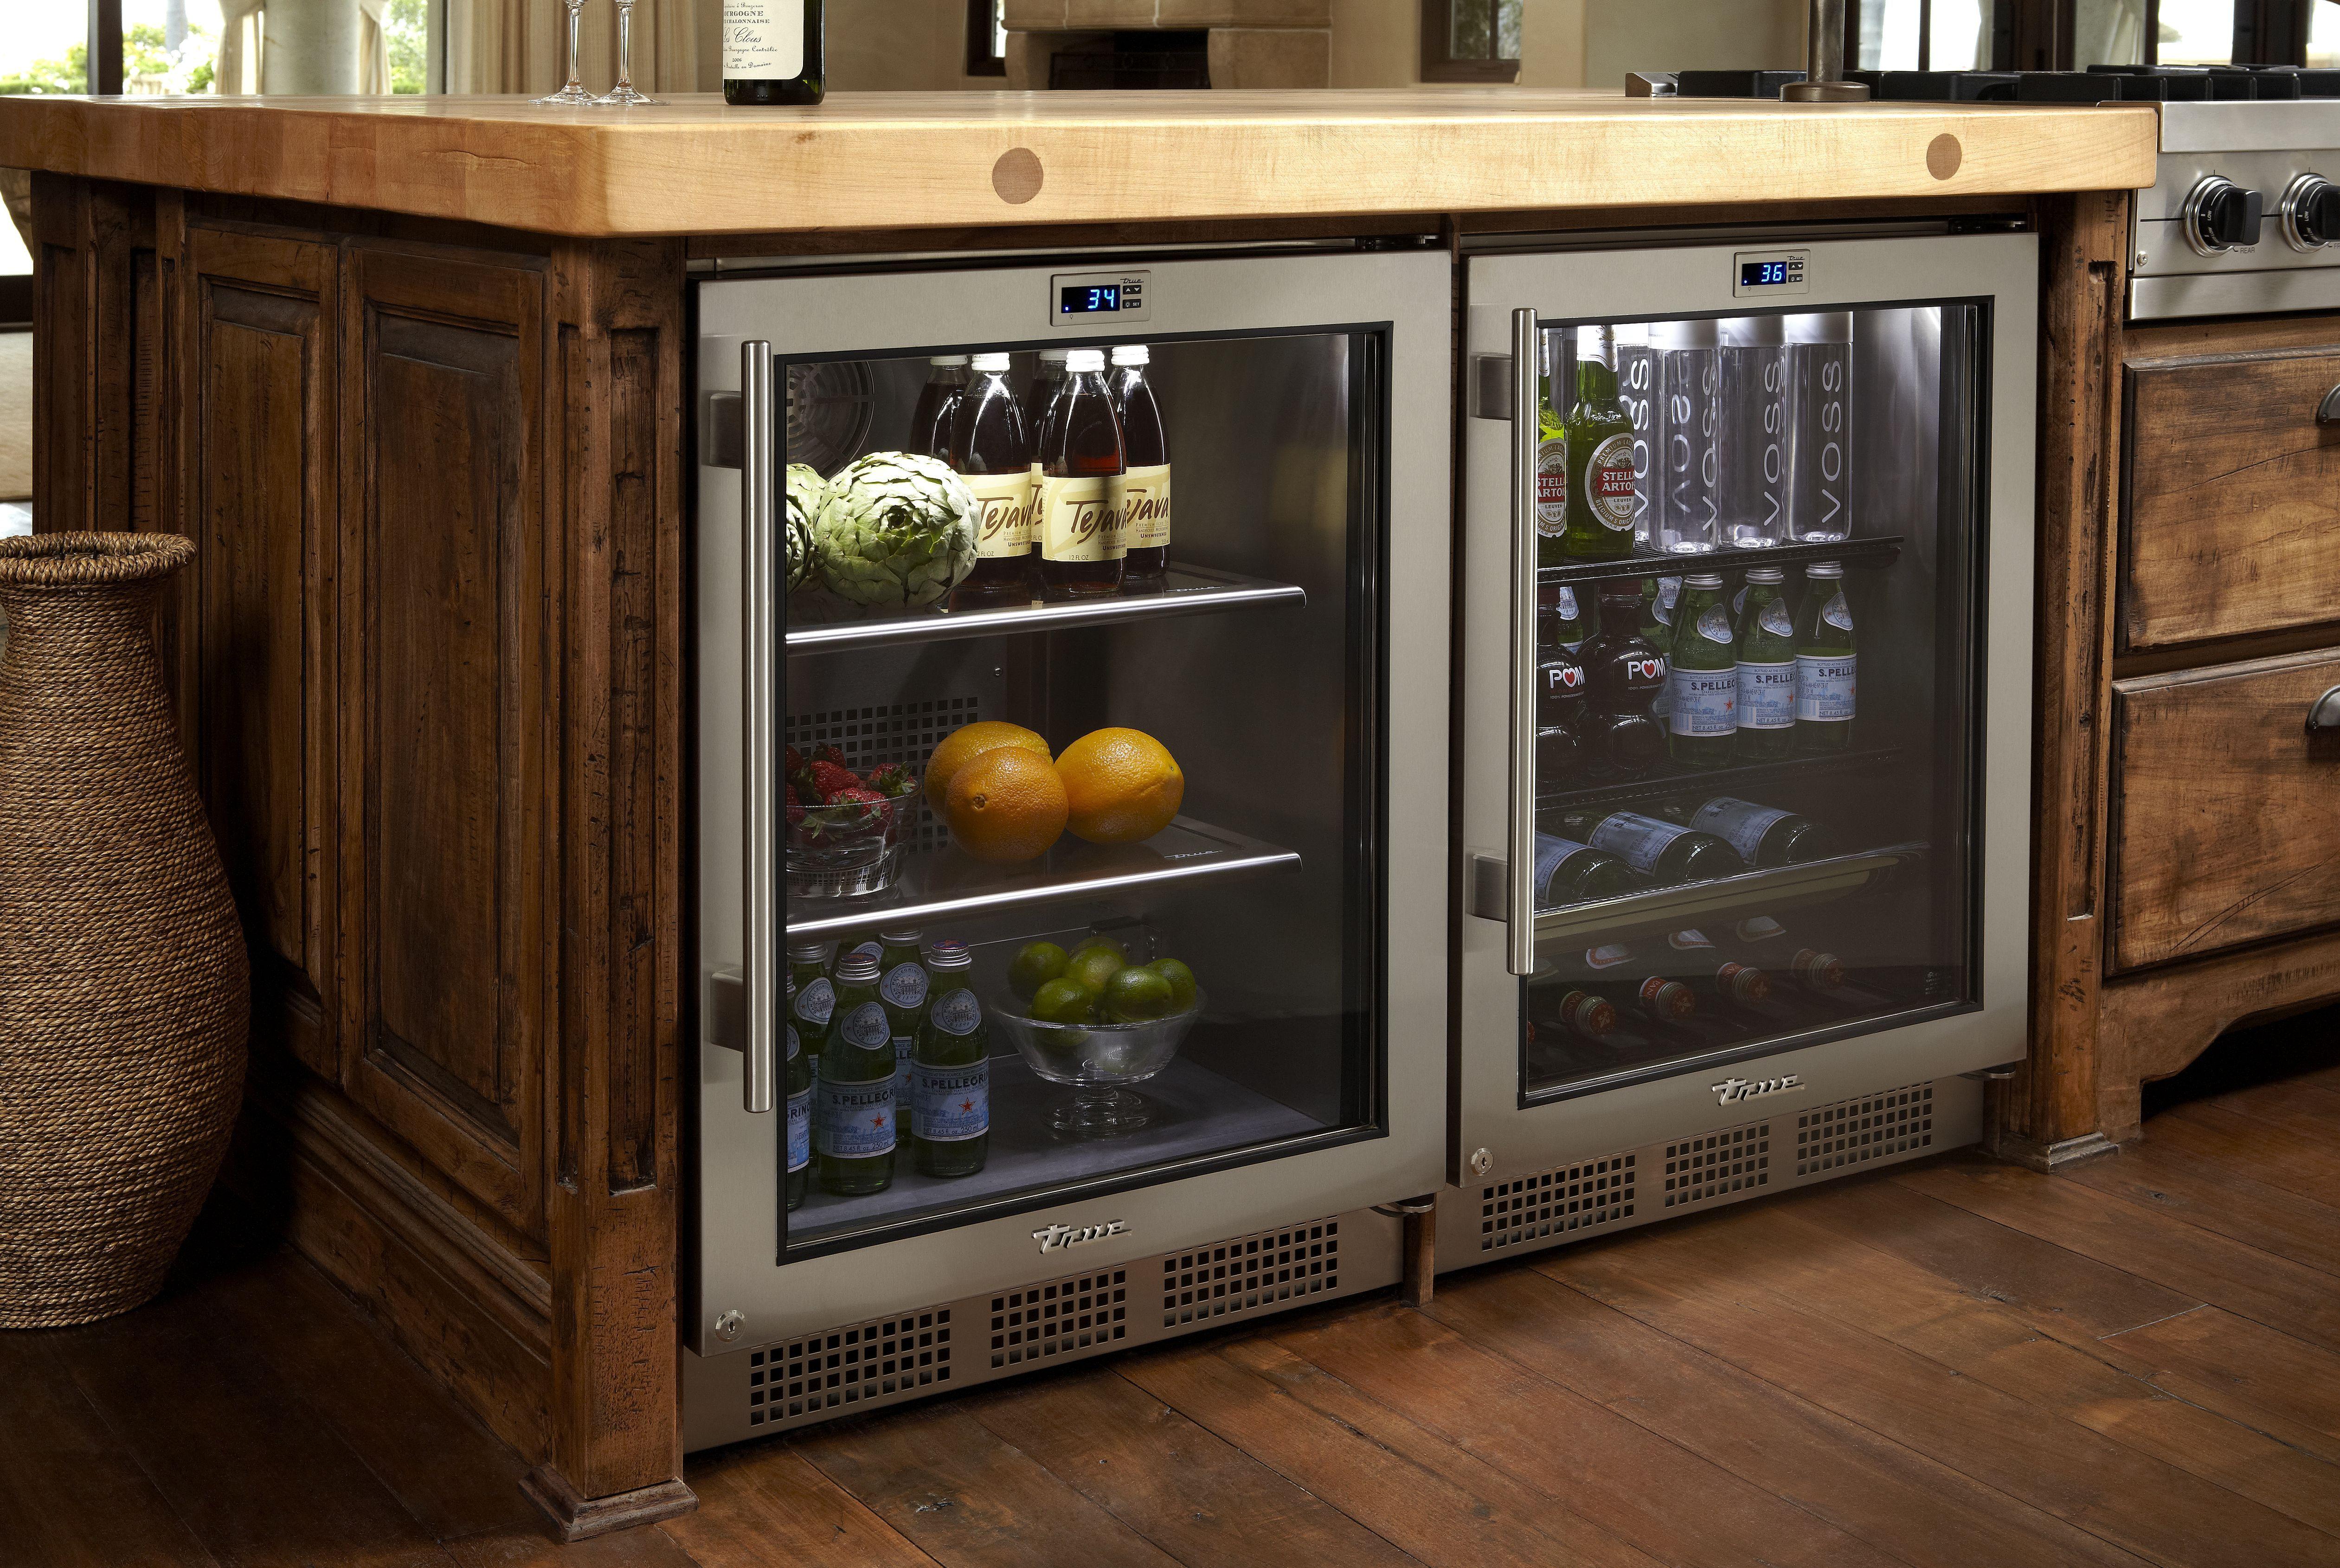 True Refrigerator Beverage Center Warners Stellian Appliance Kitchen Cabinet Remodel Kitchen Remodel Small Major Kitchen Appliances